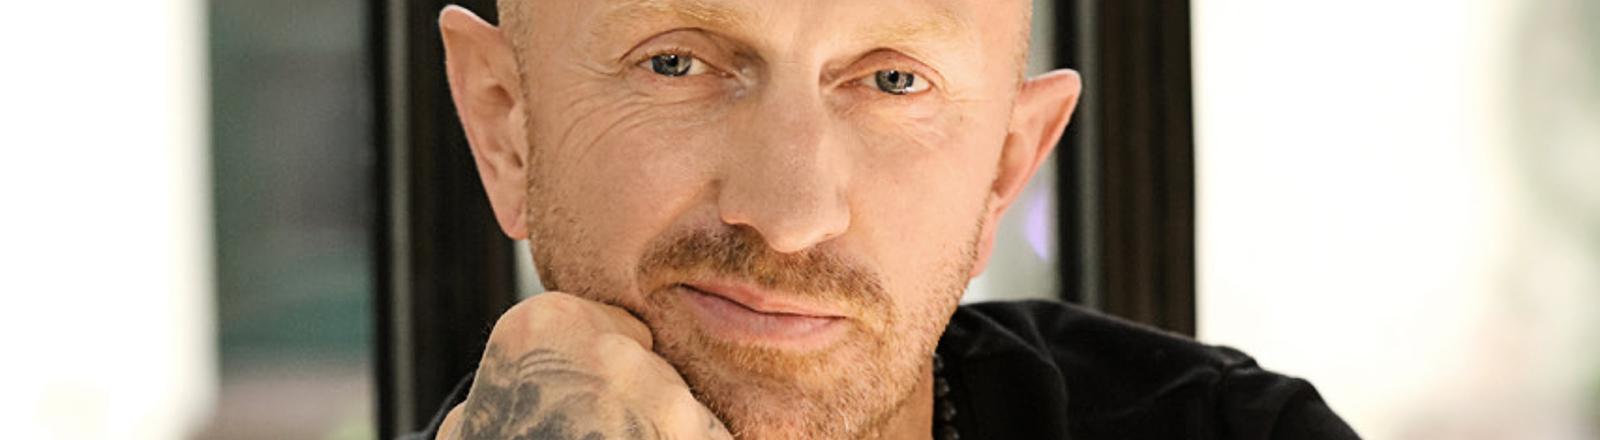 Der Tätowierer Andy Engel